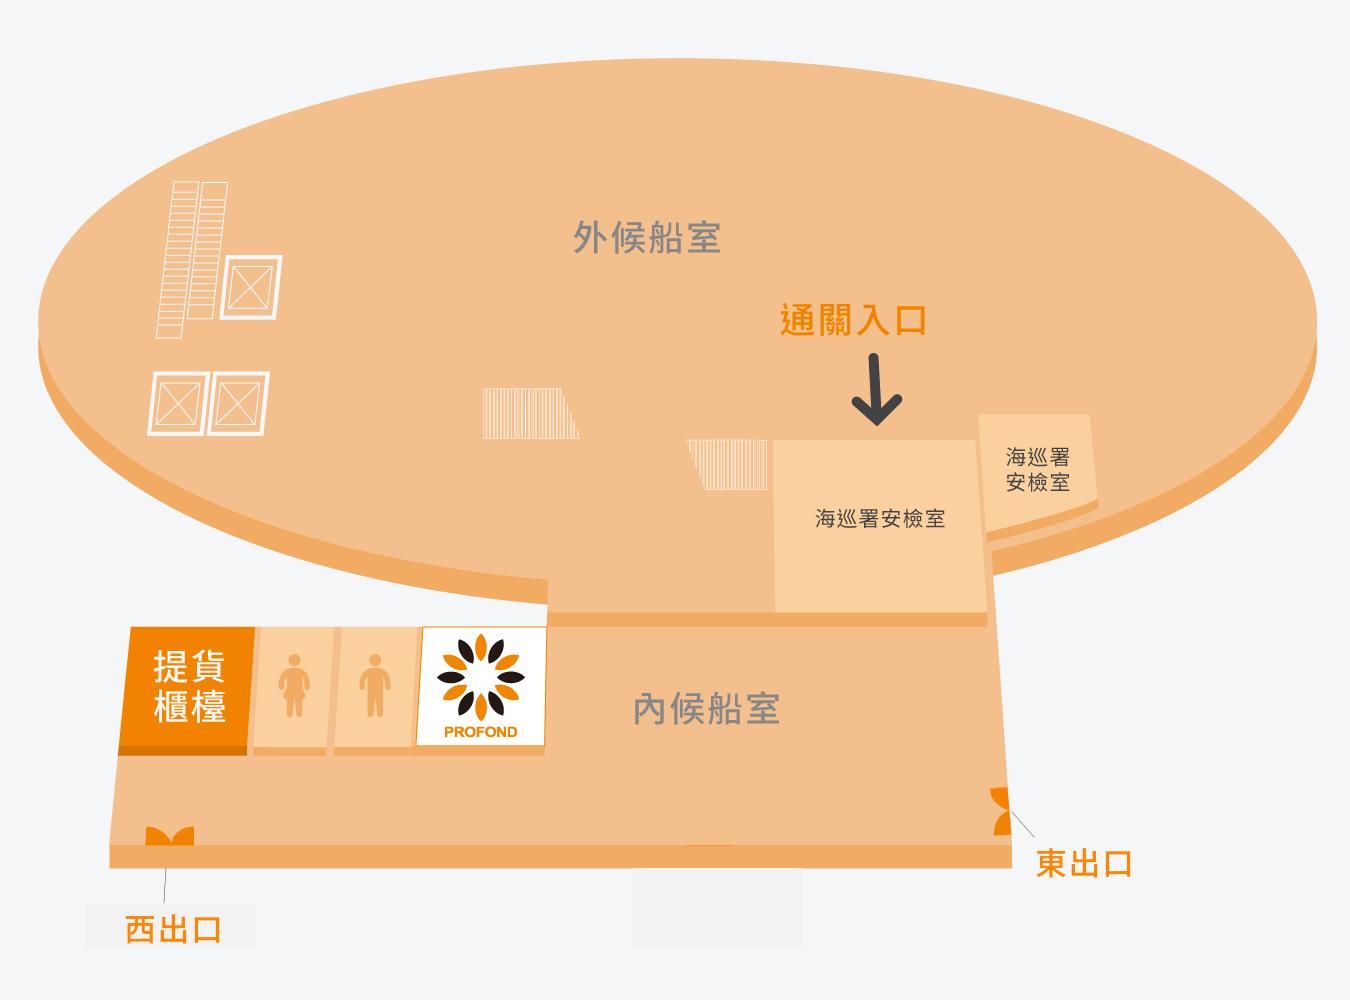 澎湖馬公港平面圖